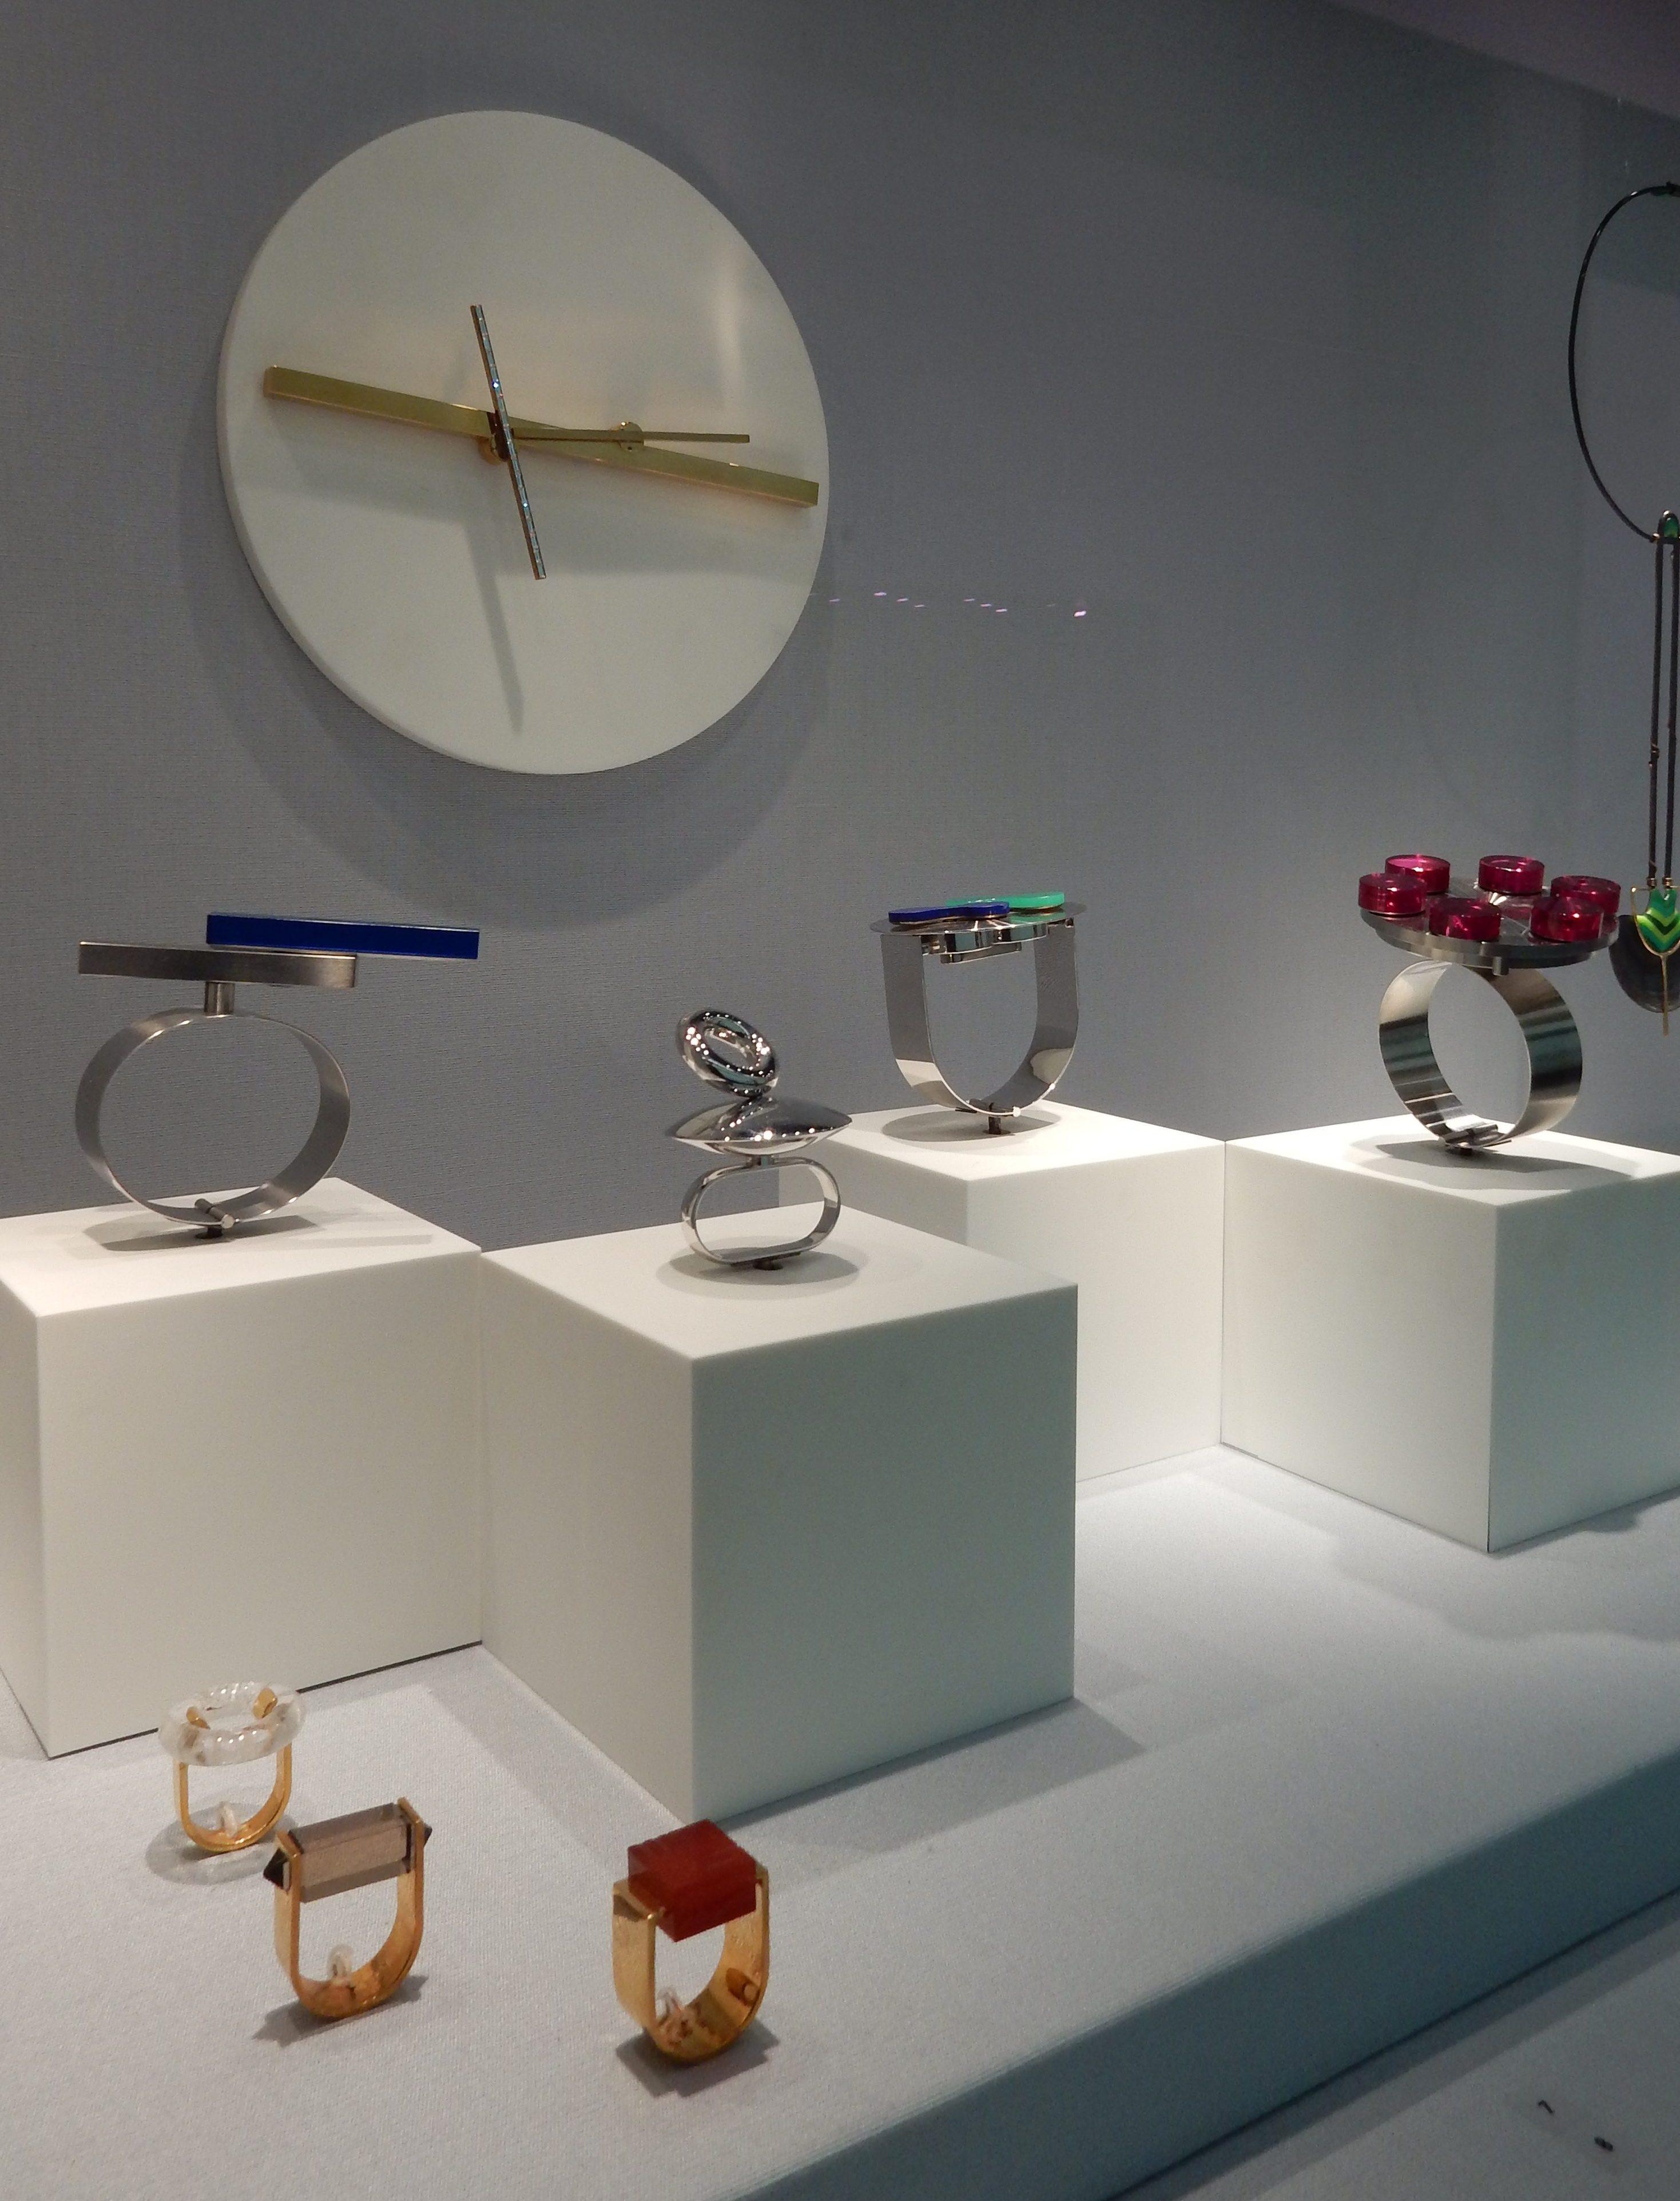 Friedrich Becker, Schmuckmuseum Pforzheim, 11 mei 2019. Foto Coert Peter Krabbe, armband, ring